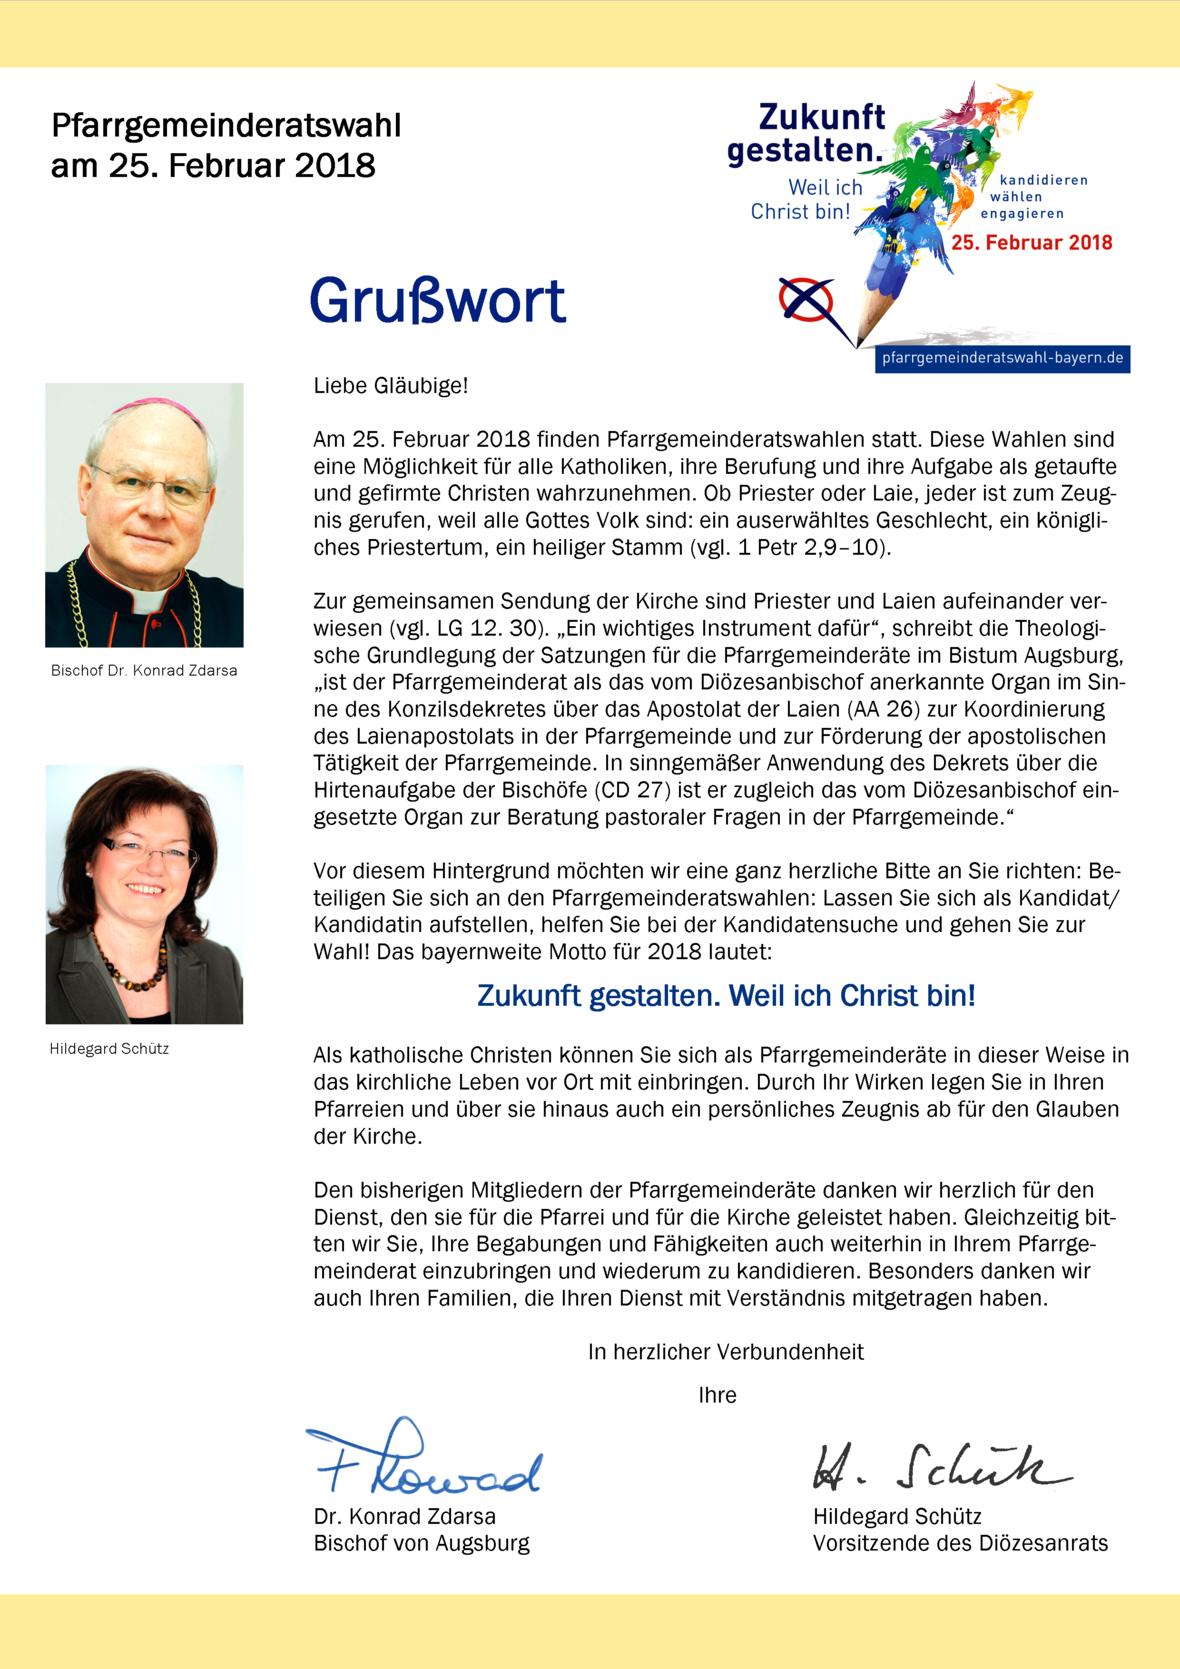 Grußwort PGR-Wahl 2018 - Bistum Augsburg